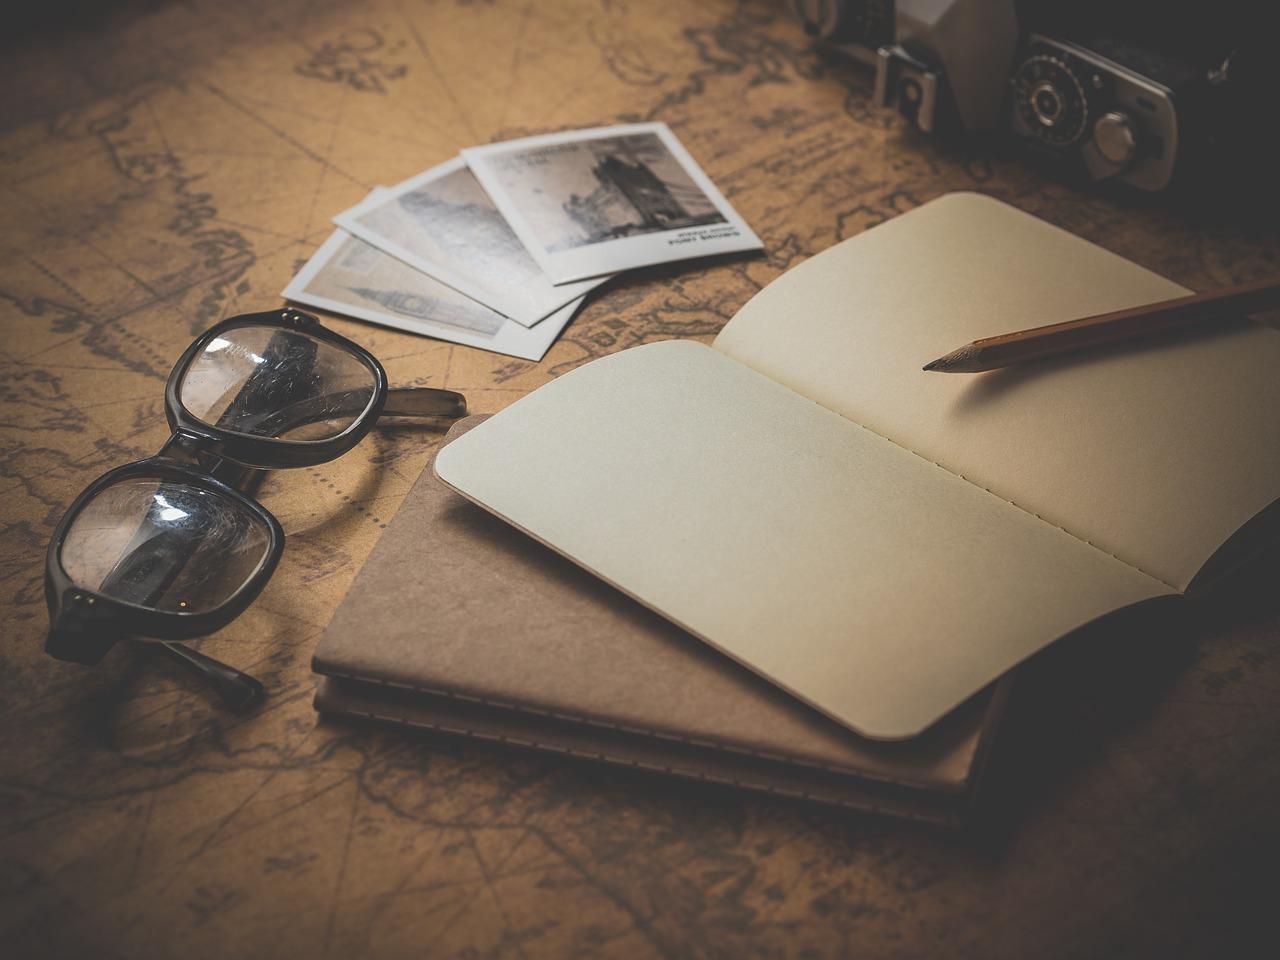 眼鏡とノート